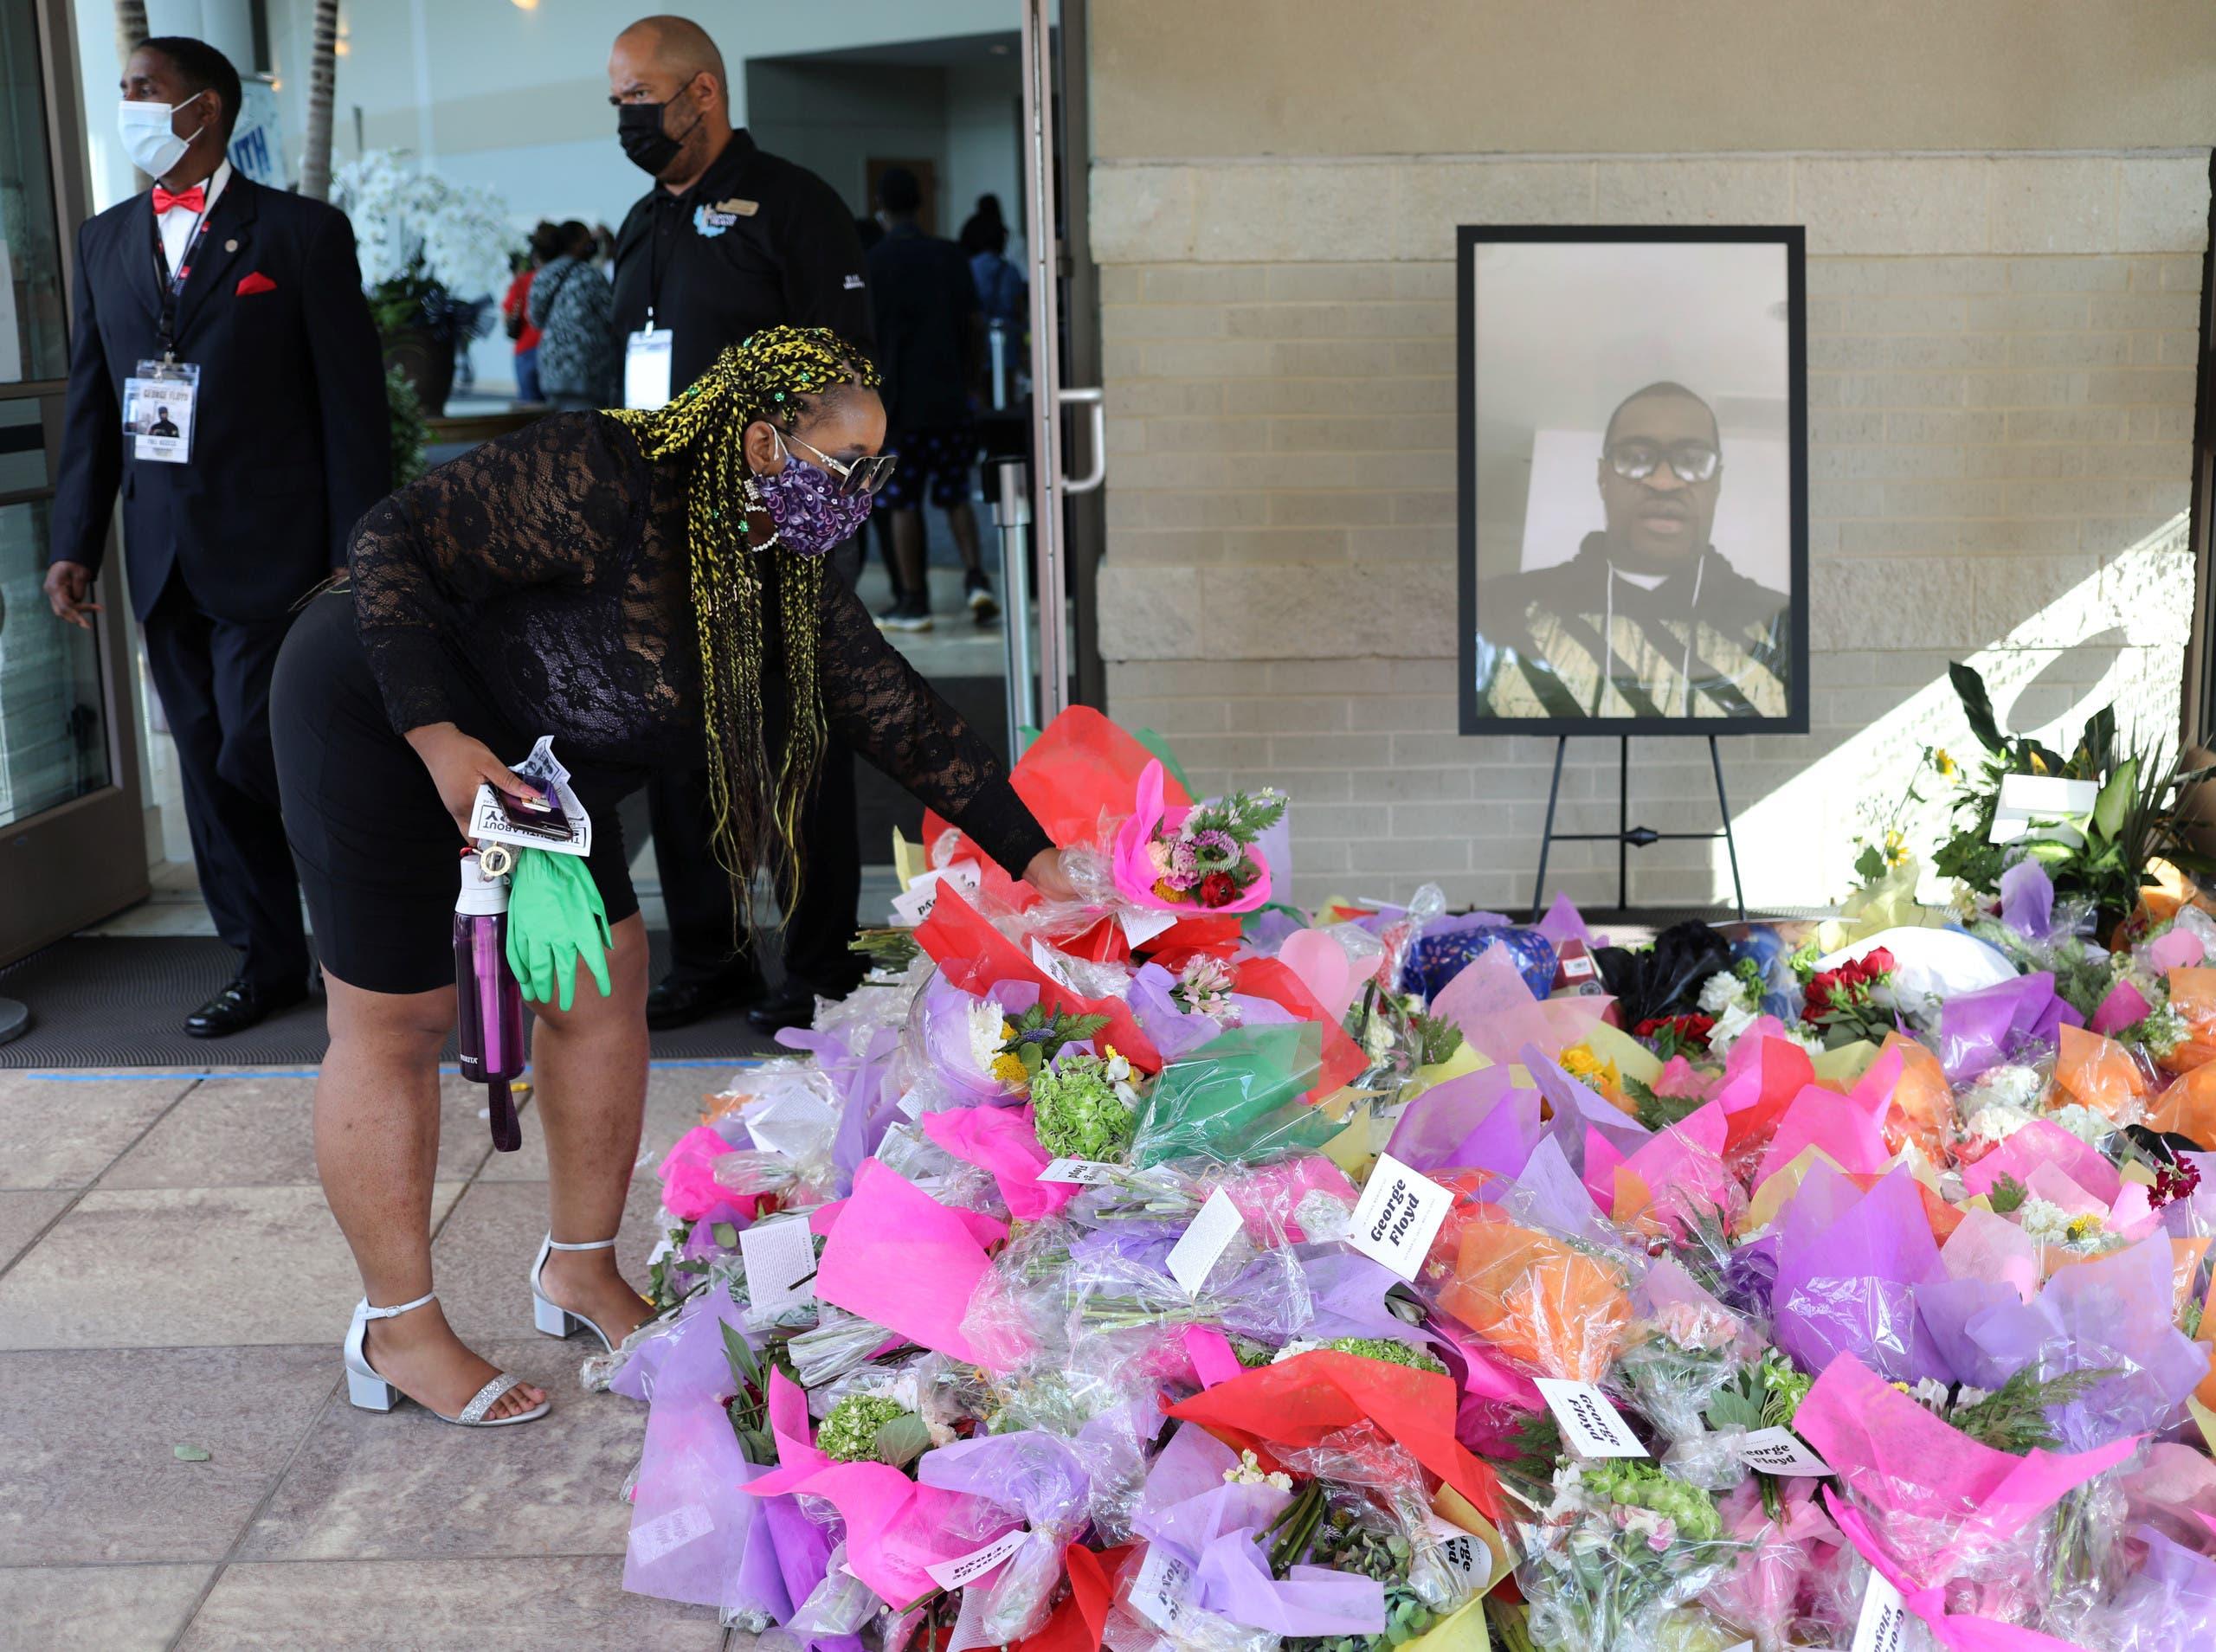 سيدة تضع الزهور أمام مدخل الكنيسة